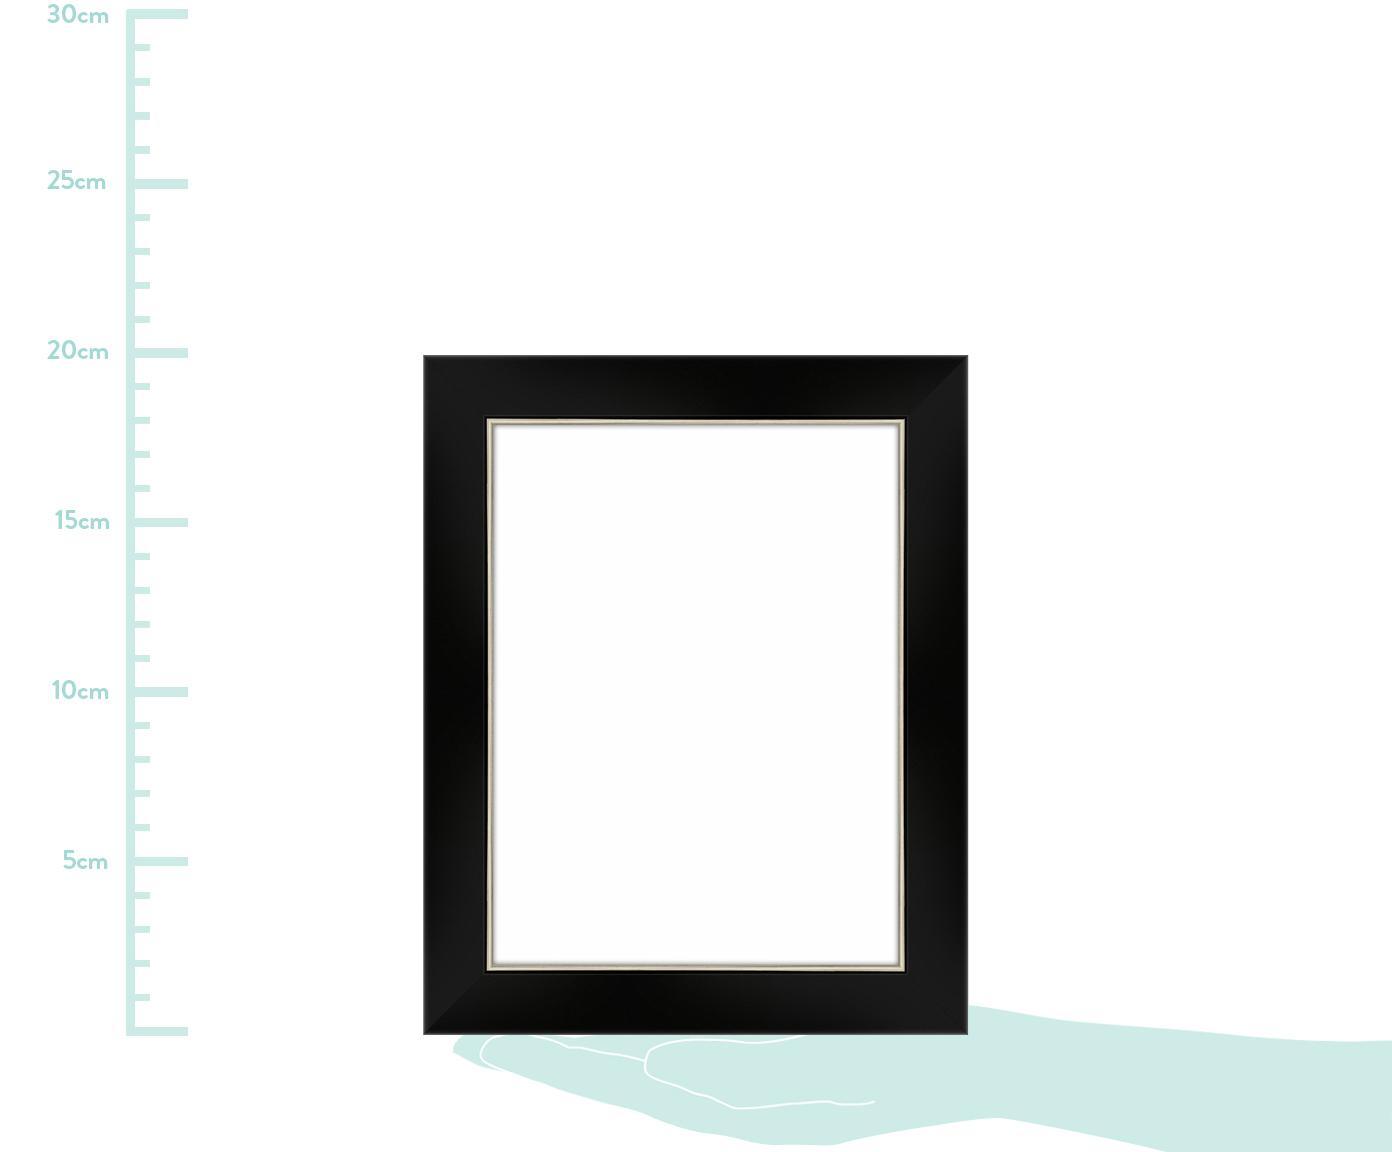 Ramka na zdjęcia Classico, Czarny, S 15 x D 20 cm